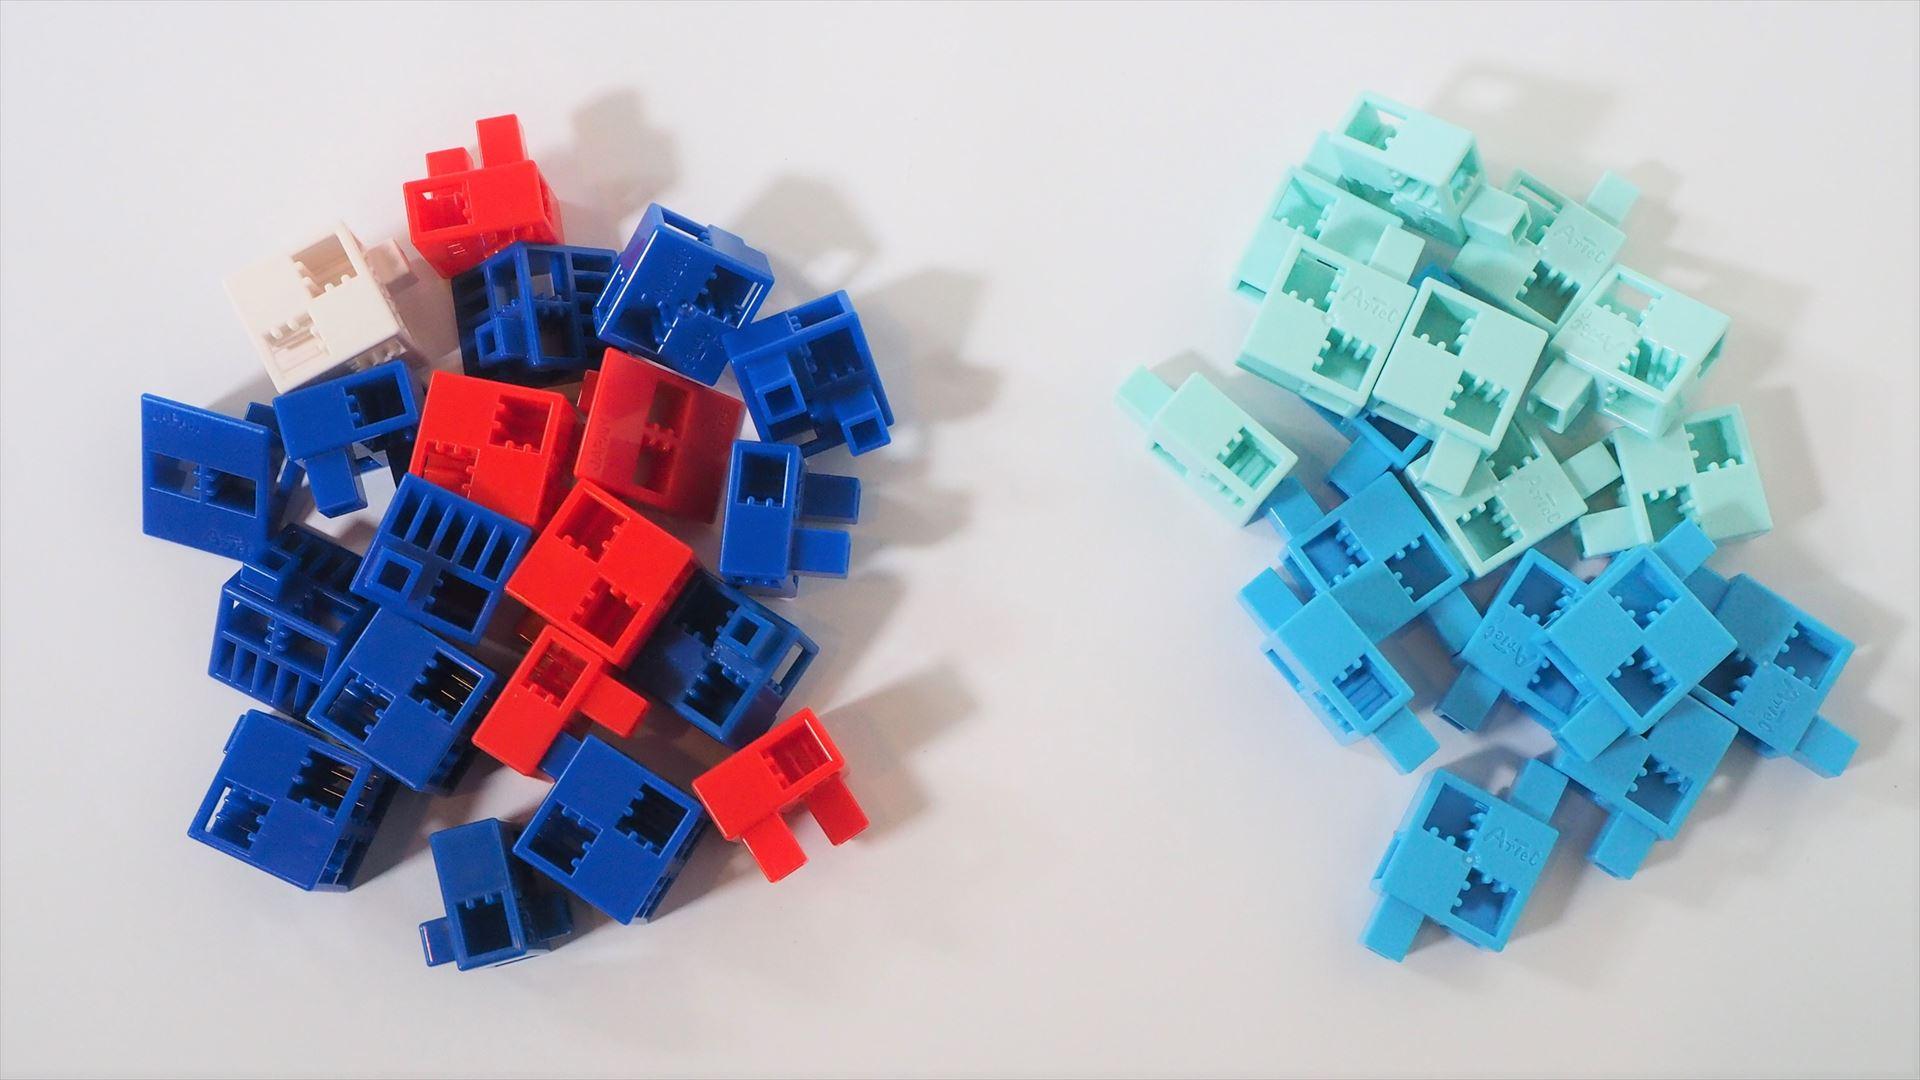 さまざまなブロックパーツ。「アーテックブロック」として単体でも販売されている